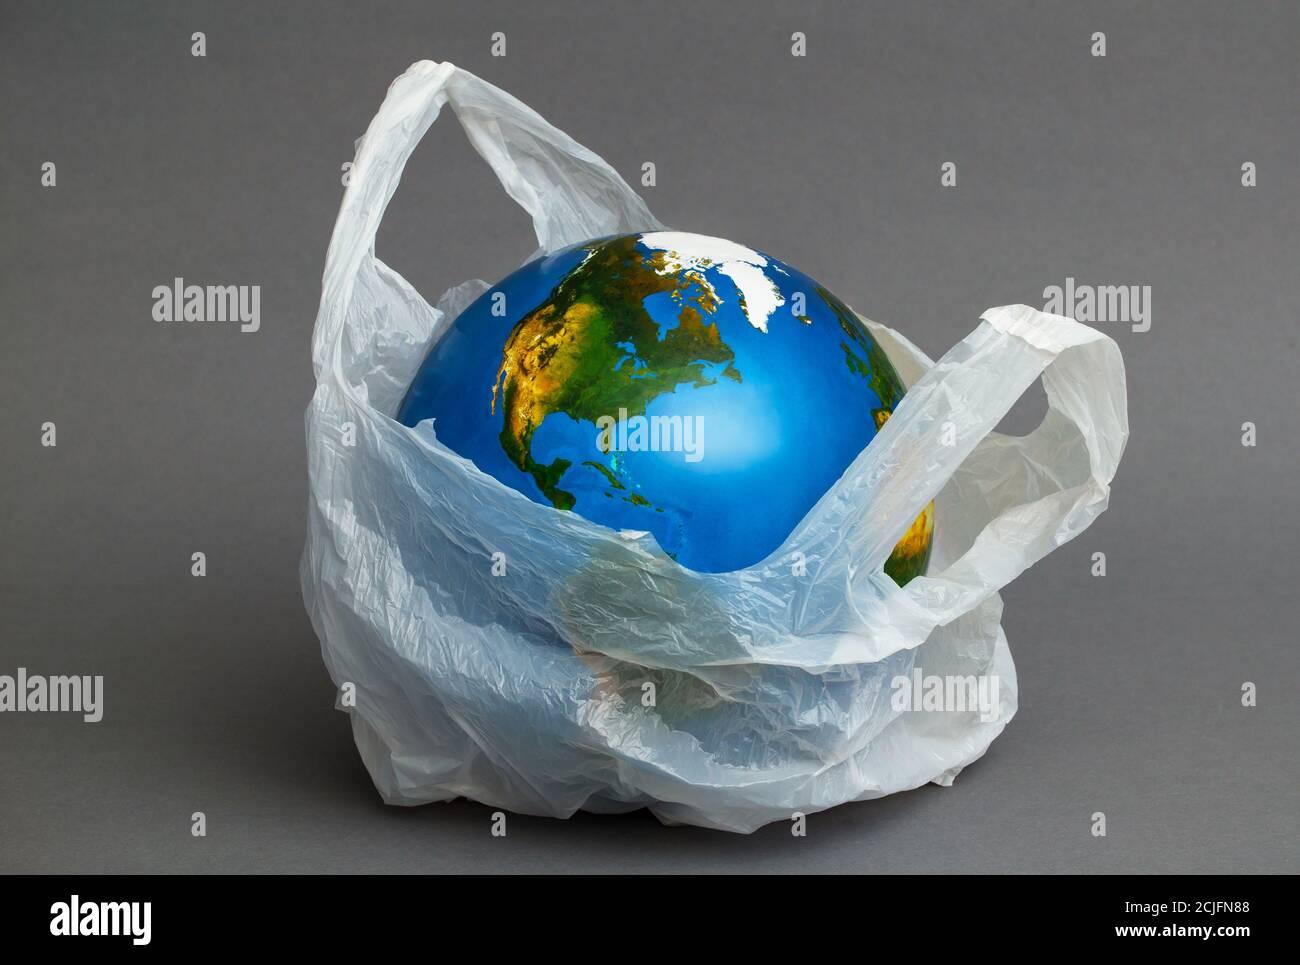 Contaminación ambiental mundial por plástico. Concepto de reciclaje Foto de stock